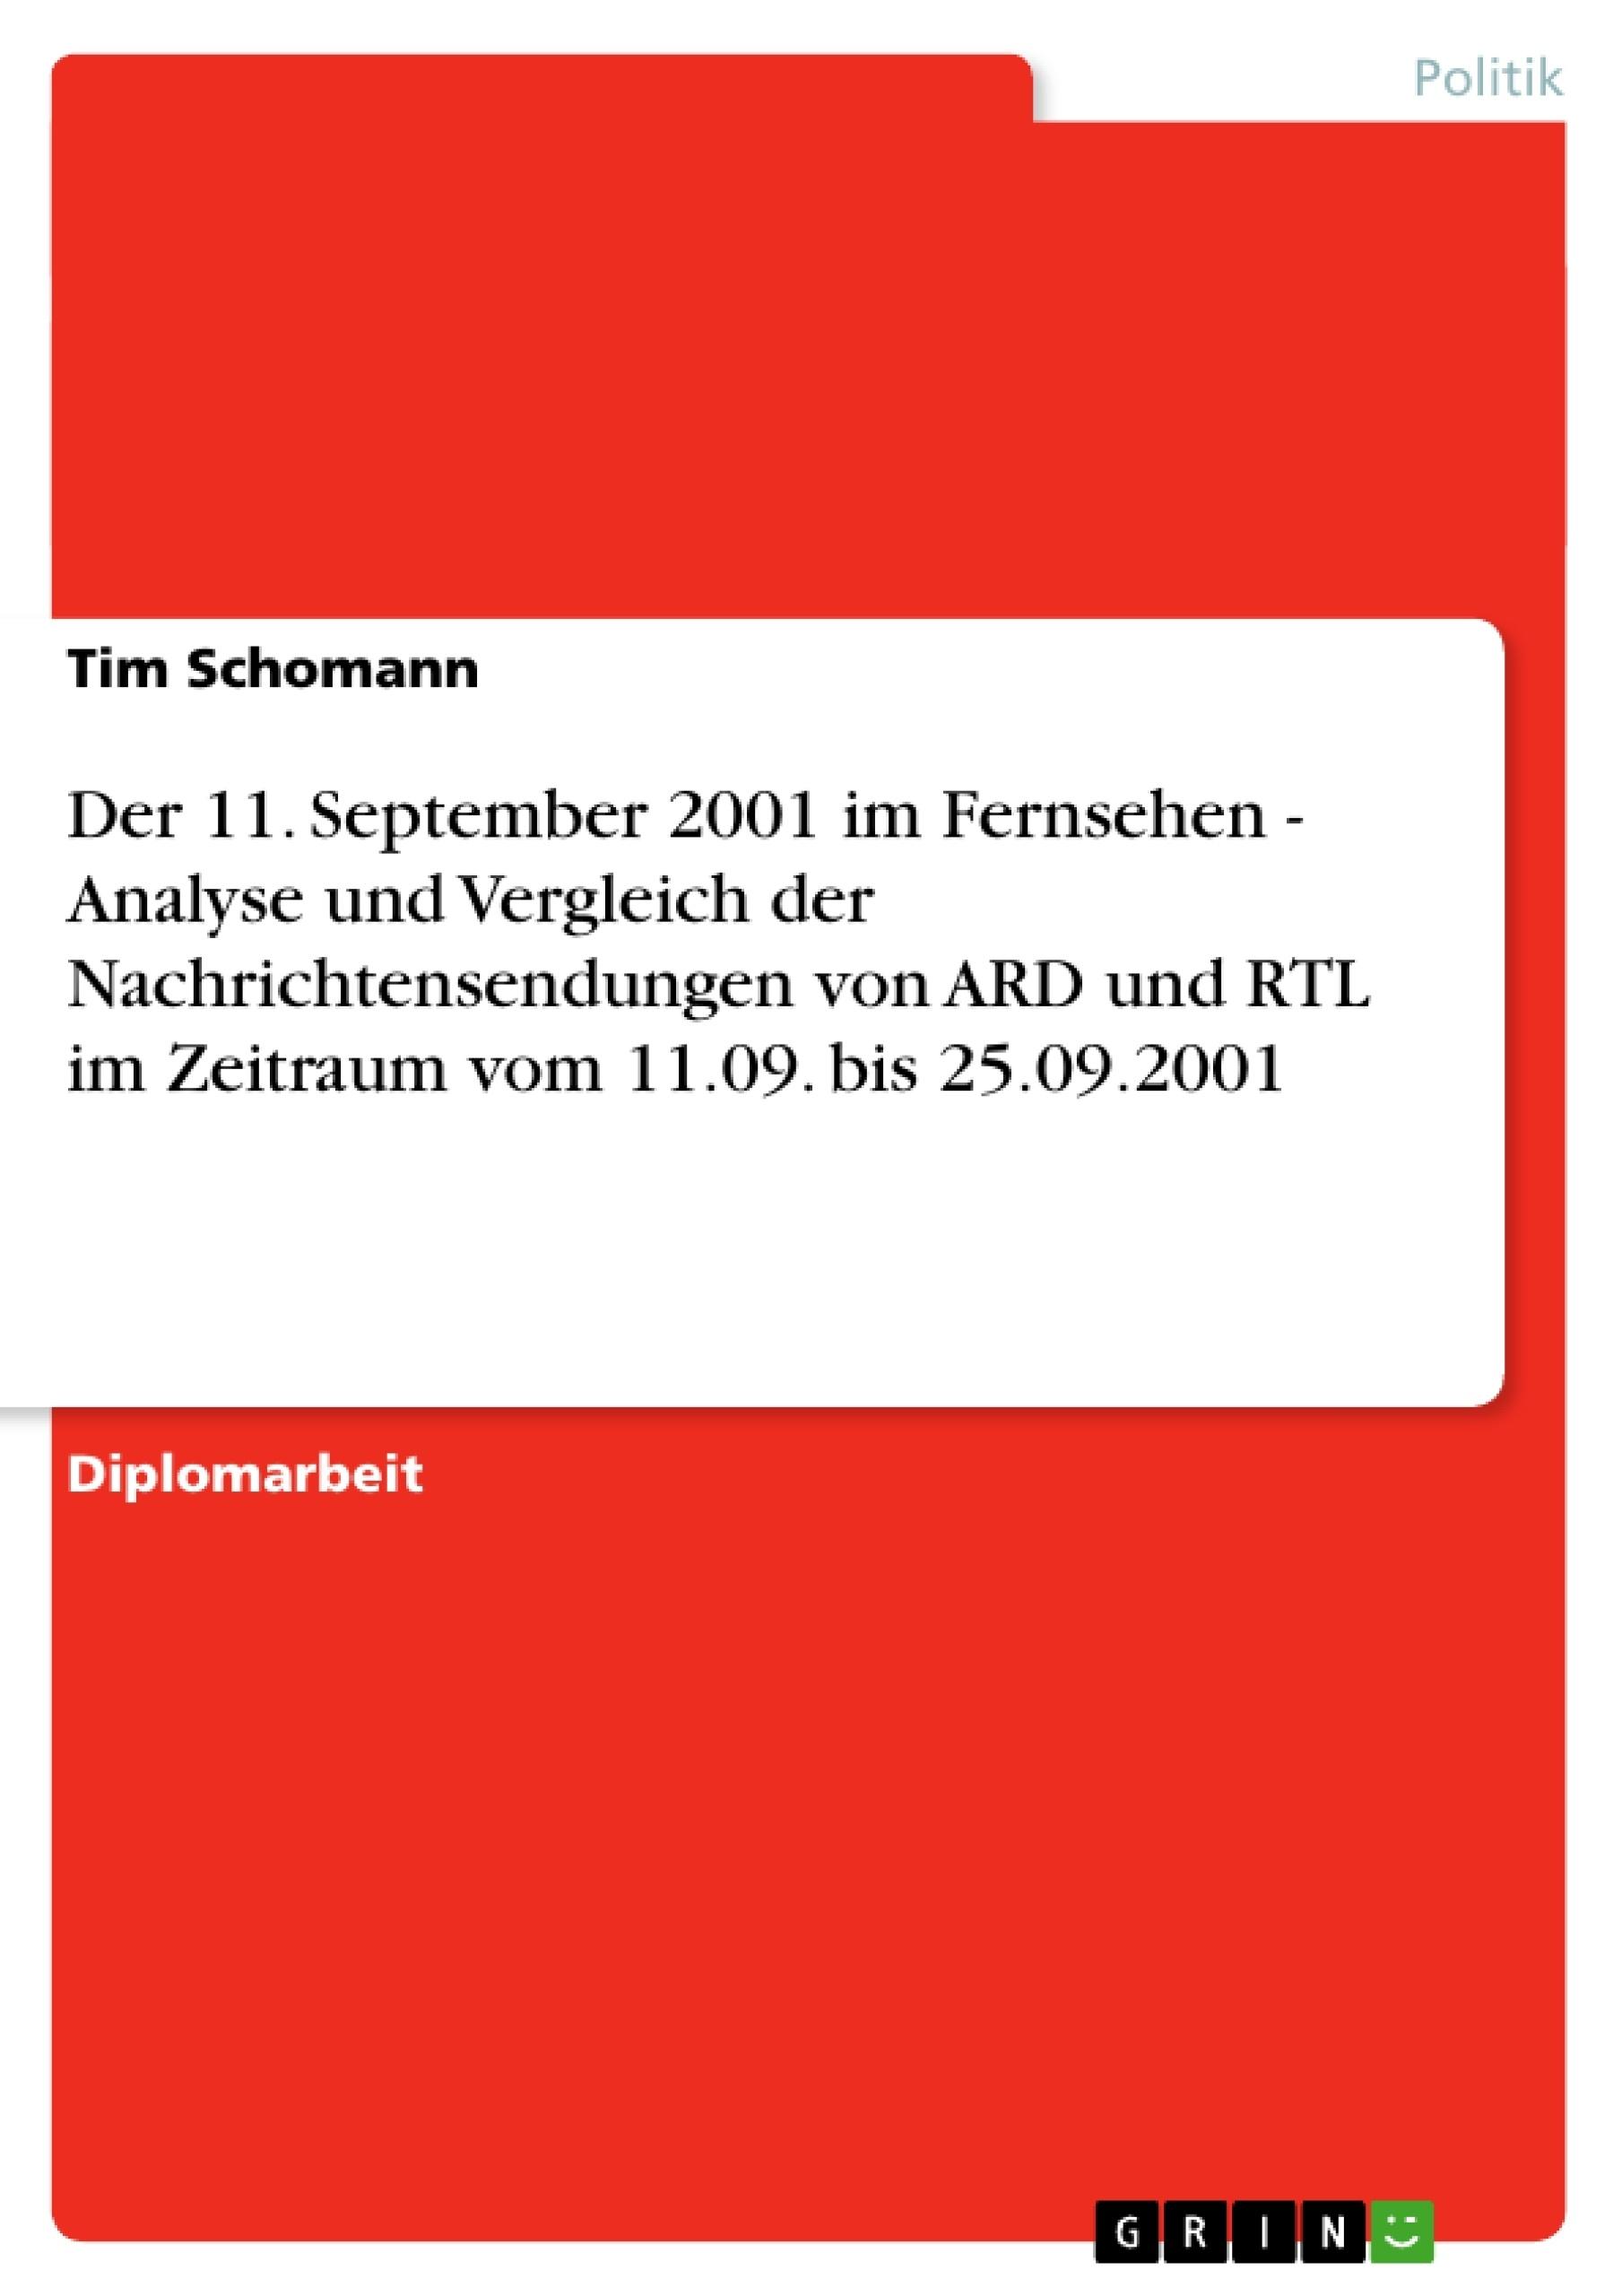 Titel: Der 11. September 2001 im Fernsehen - Analyse und Vergleich der Nachrichtensendungen von ARD und RTL im Zeitraum vom 11.09. bis 25.09.2001